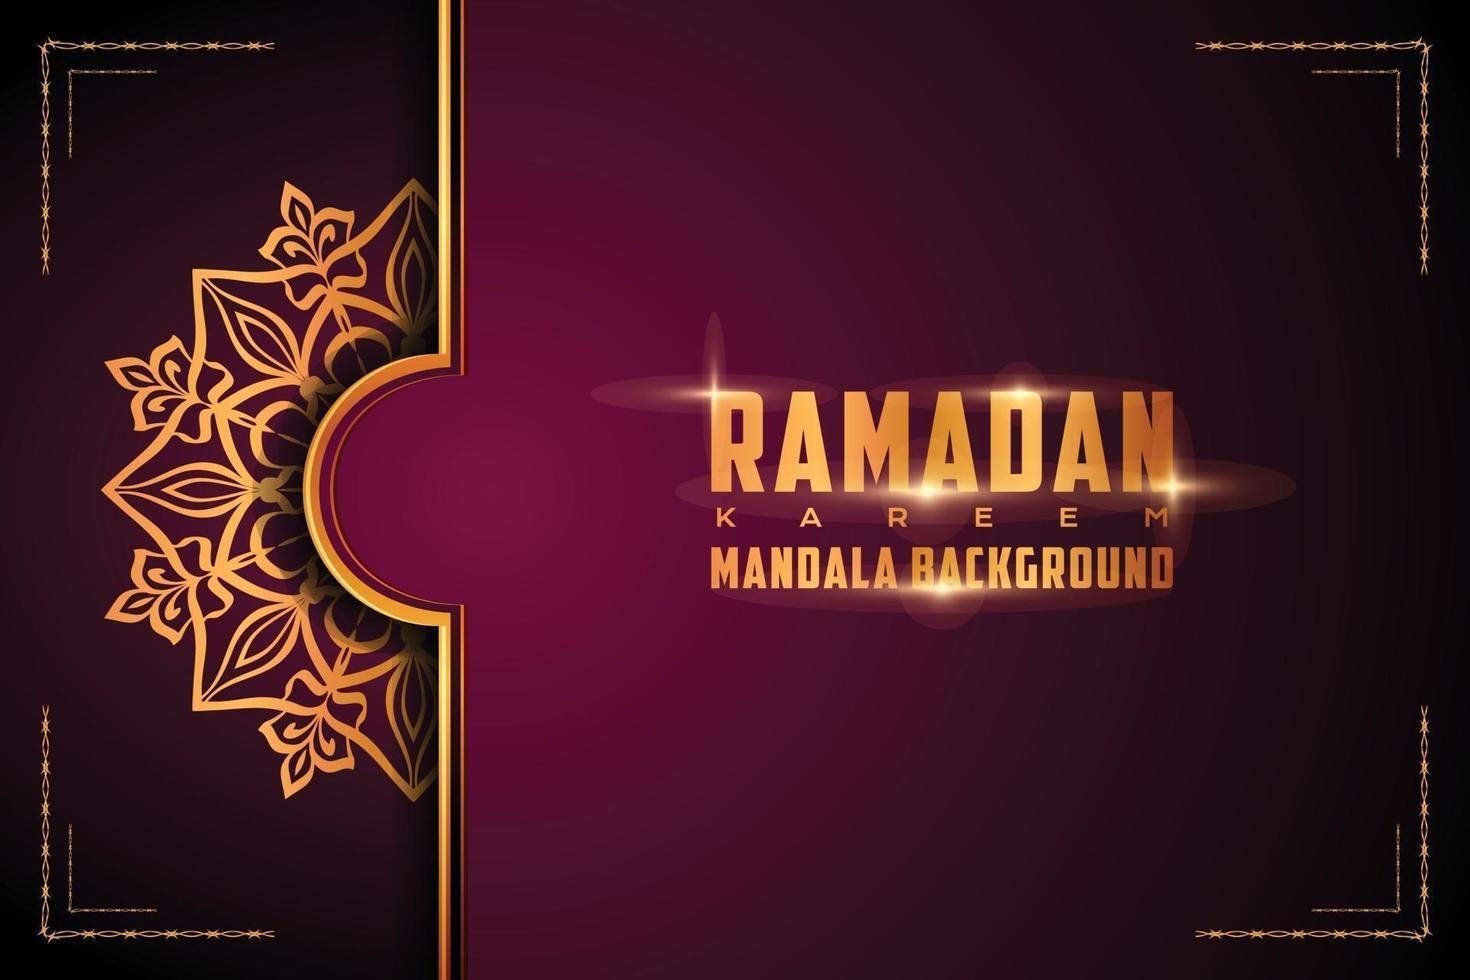 lyx dekorativ mandala logo bakgrund arabesk stil vektor